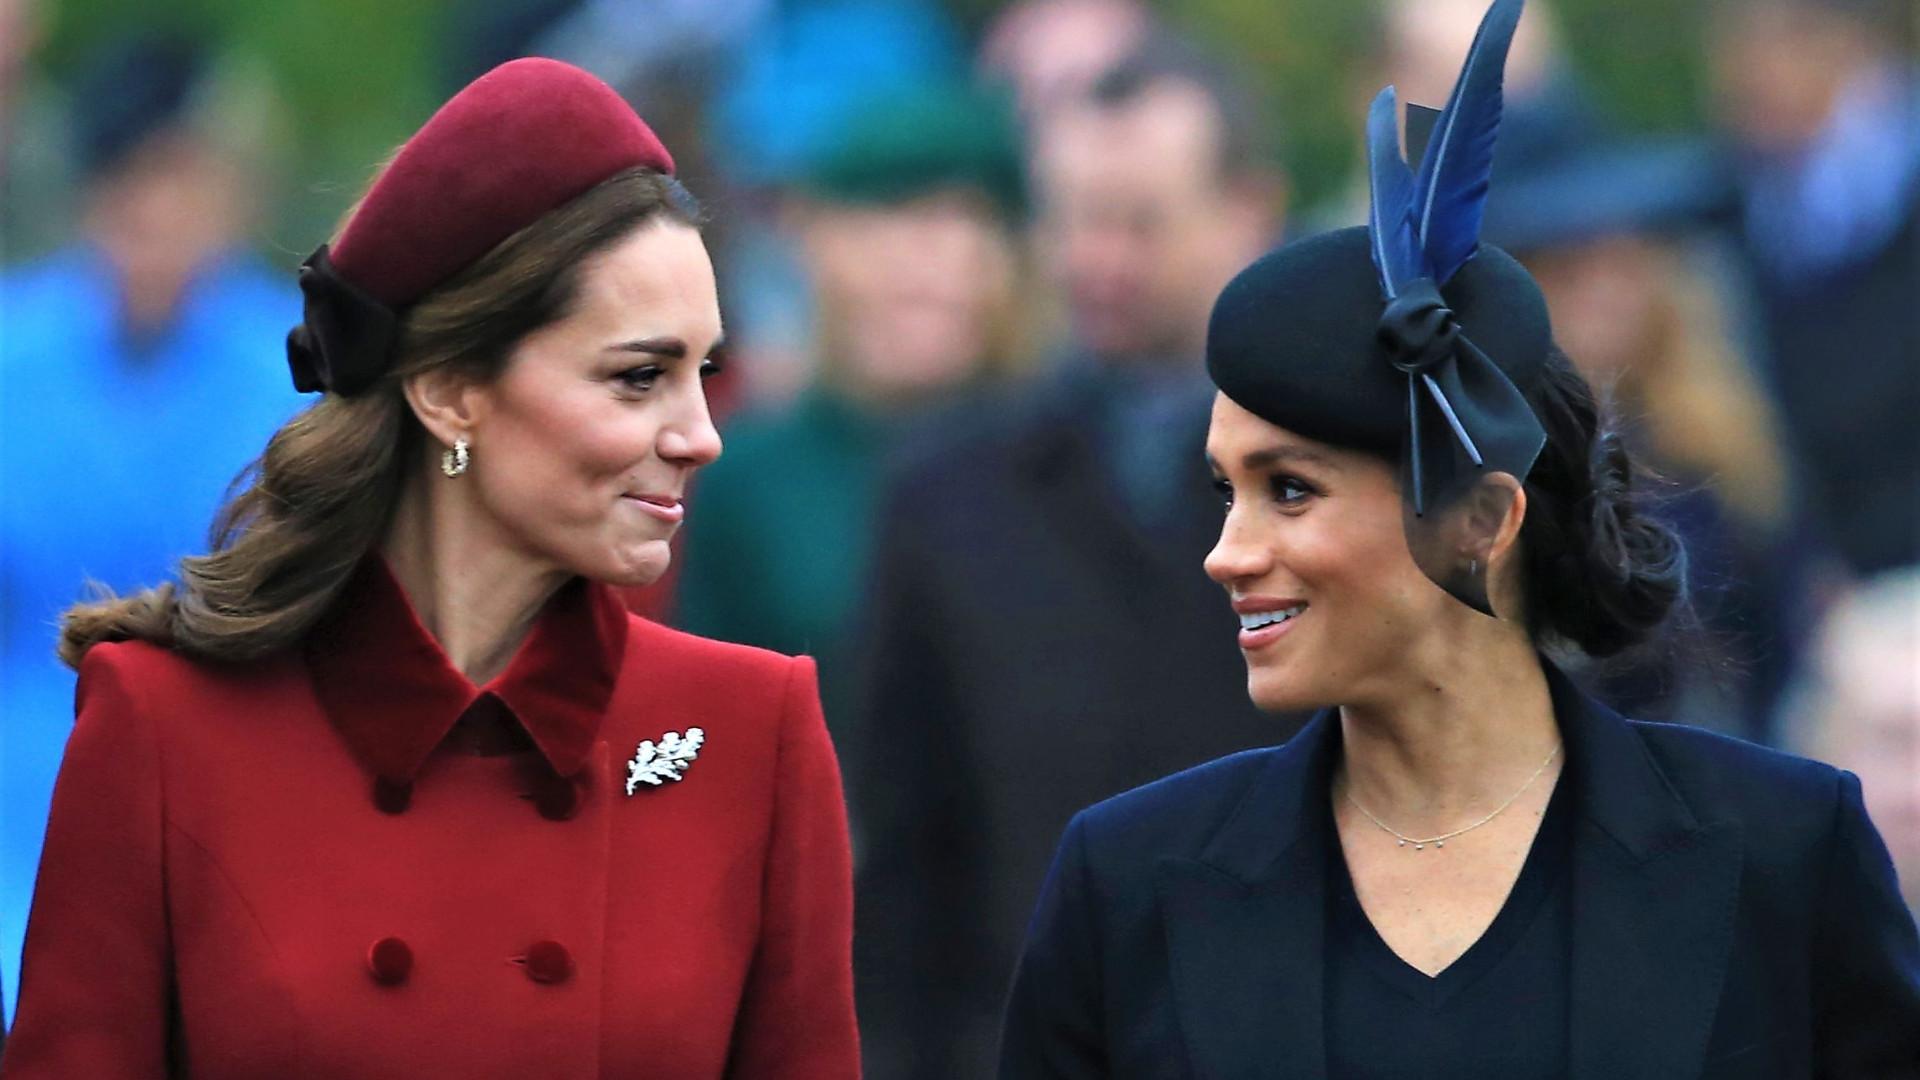 Kate e Meghan: semelhanças e diferenças nas trajetórias das duquesas